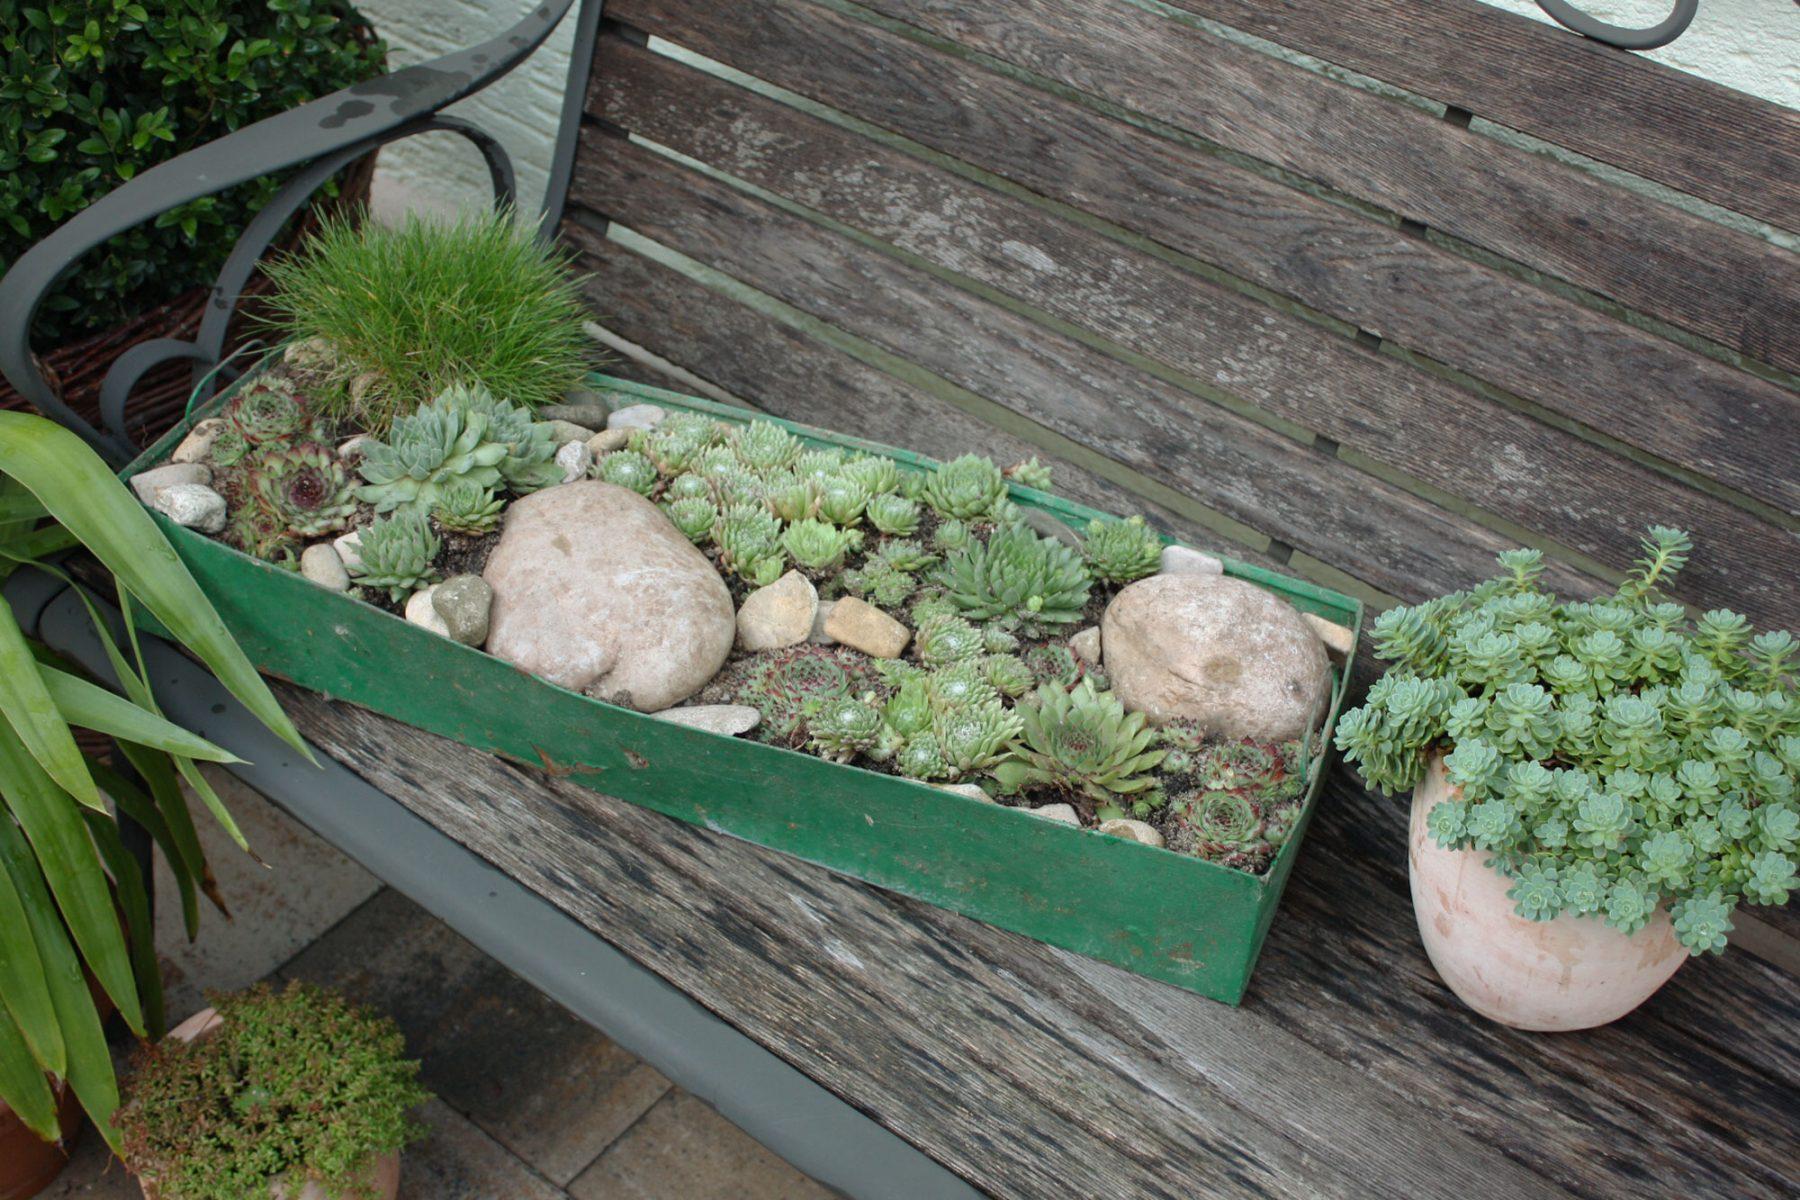 Berühmt Pflegeleichte Pflanzschale für Terrasse und Balkon - Native Plants &JE_42